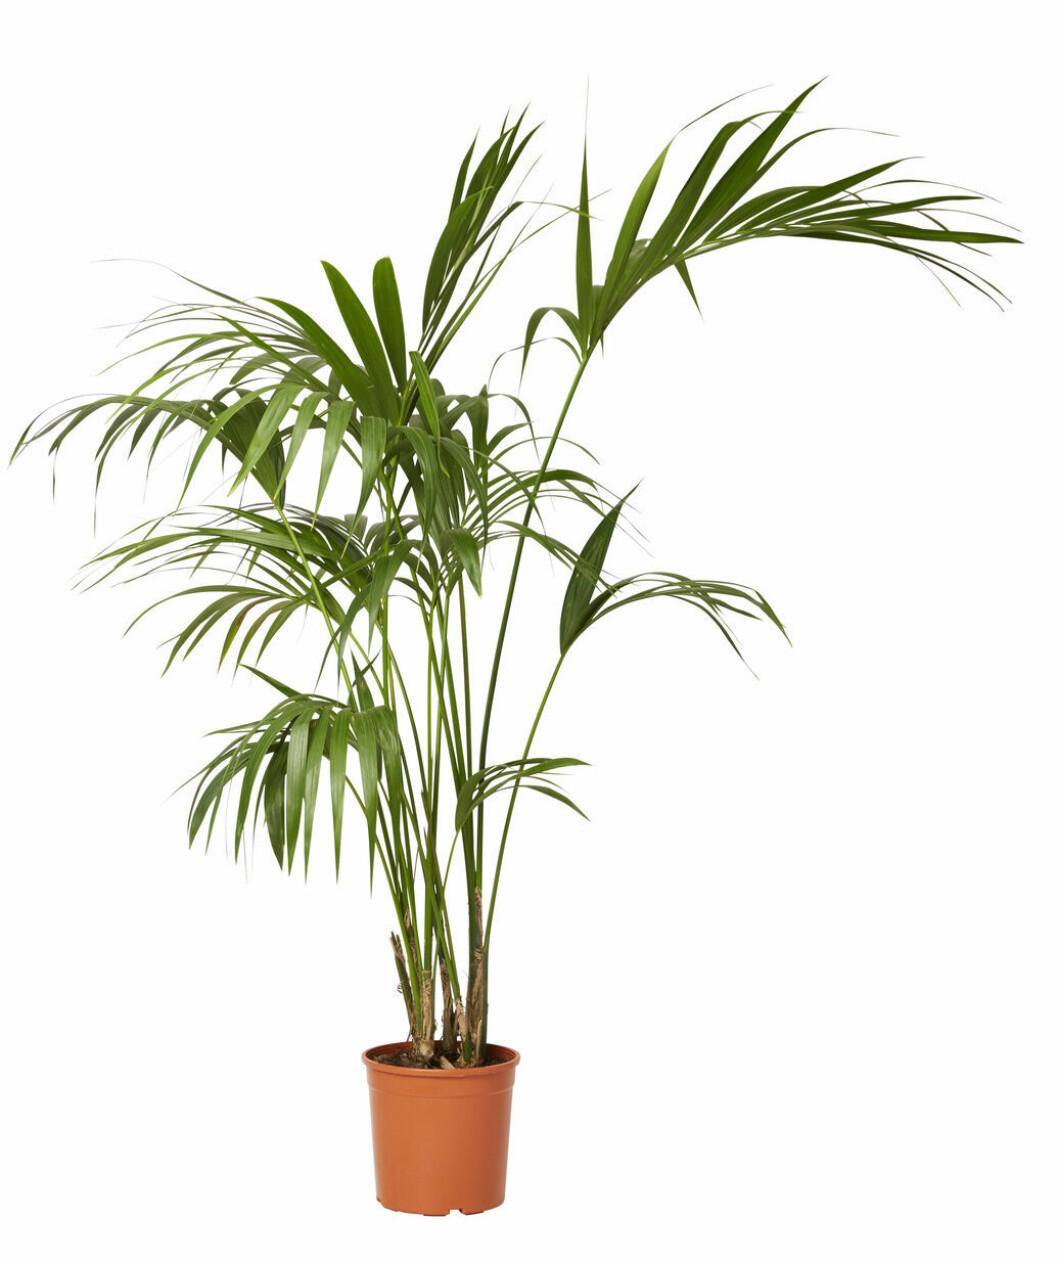 palmväxt från plantagen.